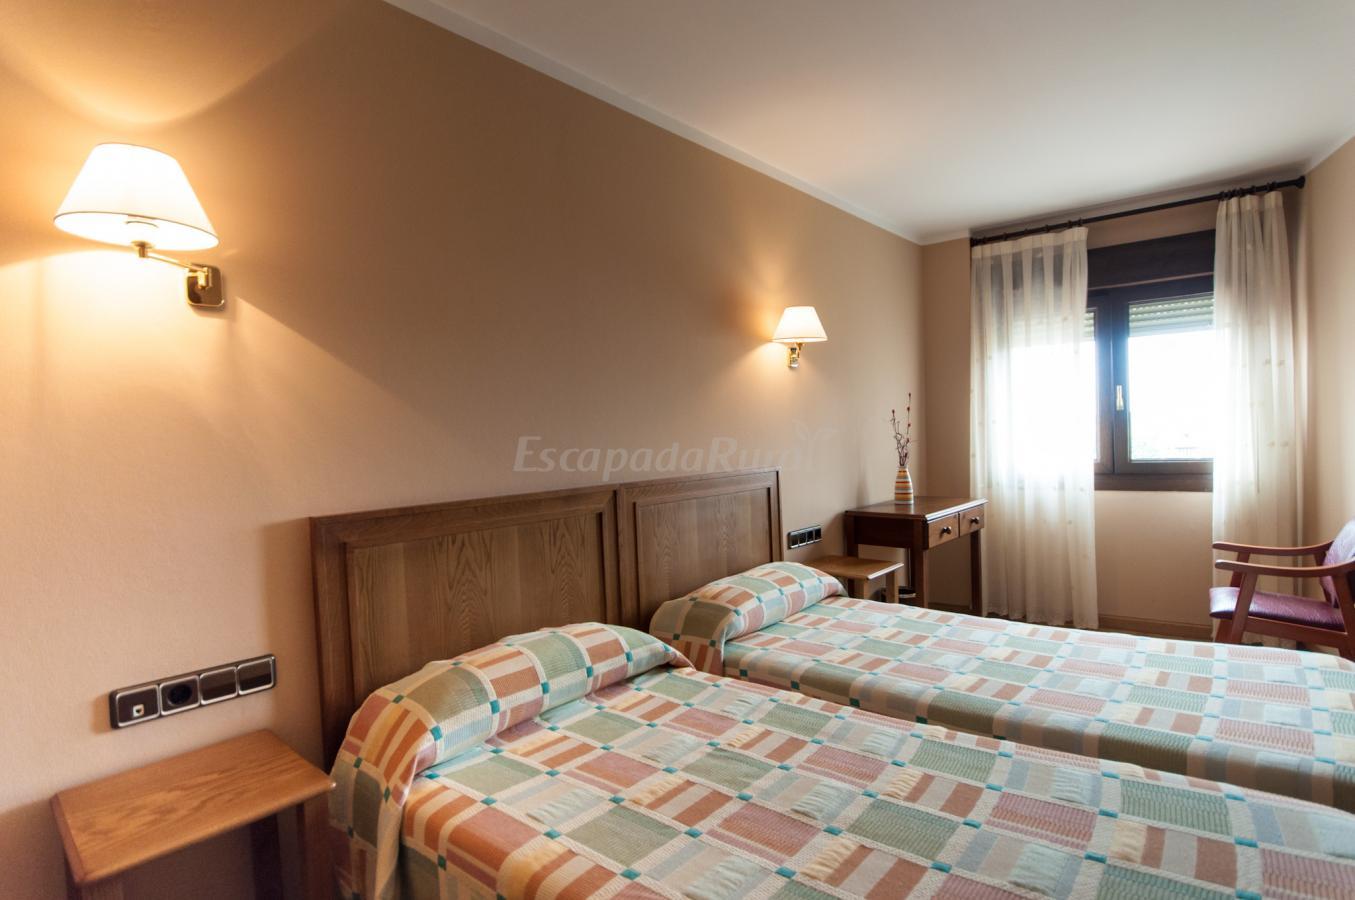 Fotos de apartamentos san jorge casa rural en nueva asturias - Apartamentos baratos asturias ...